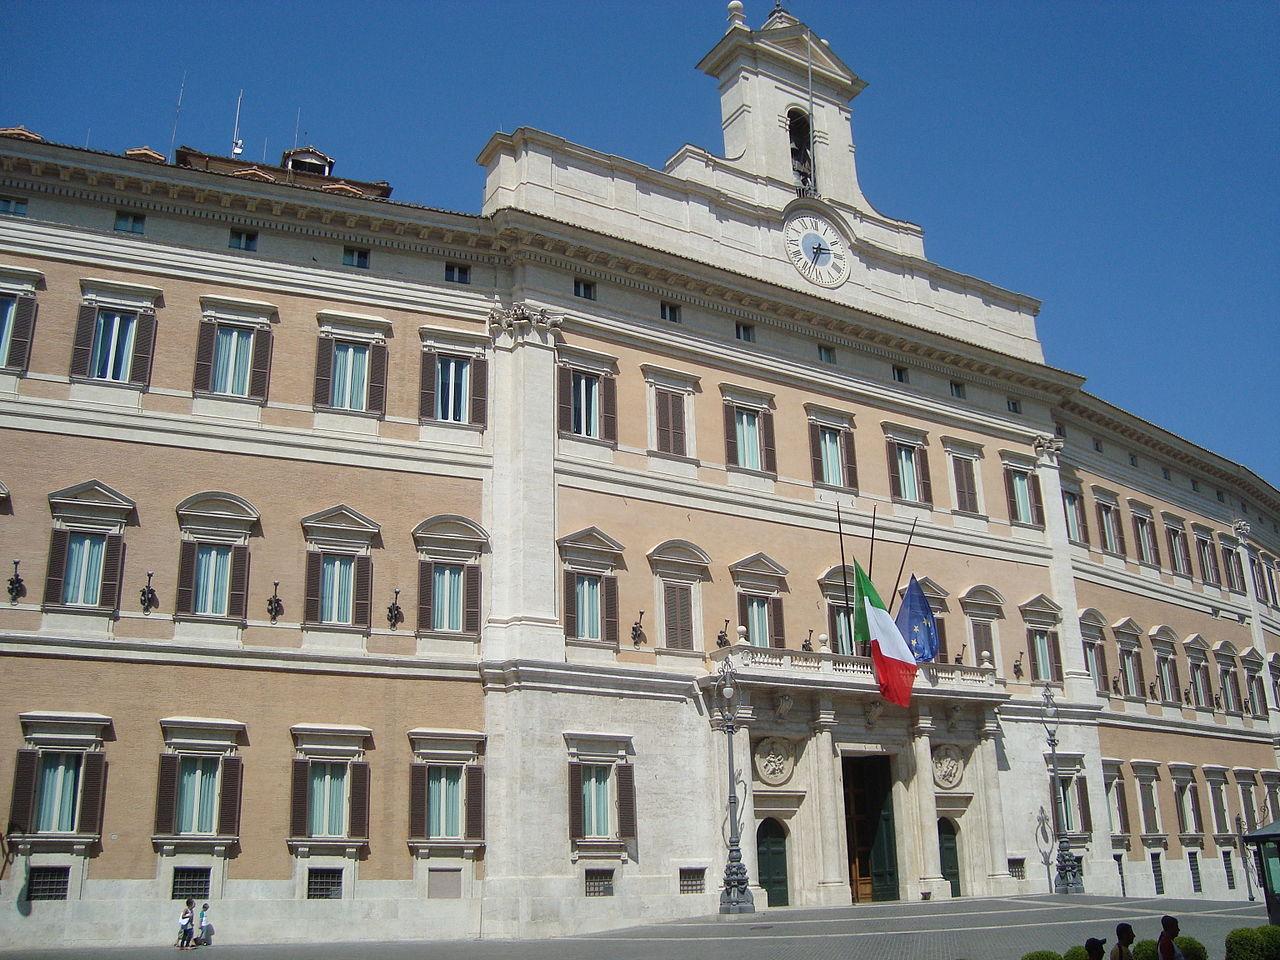 Gobierno de italia viajar a italia for Parlamento montecitorio